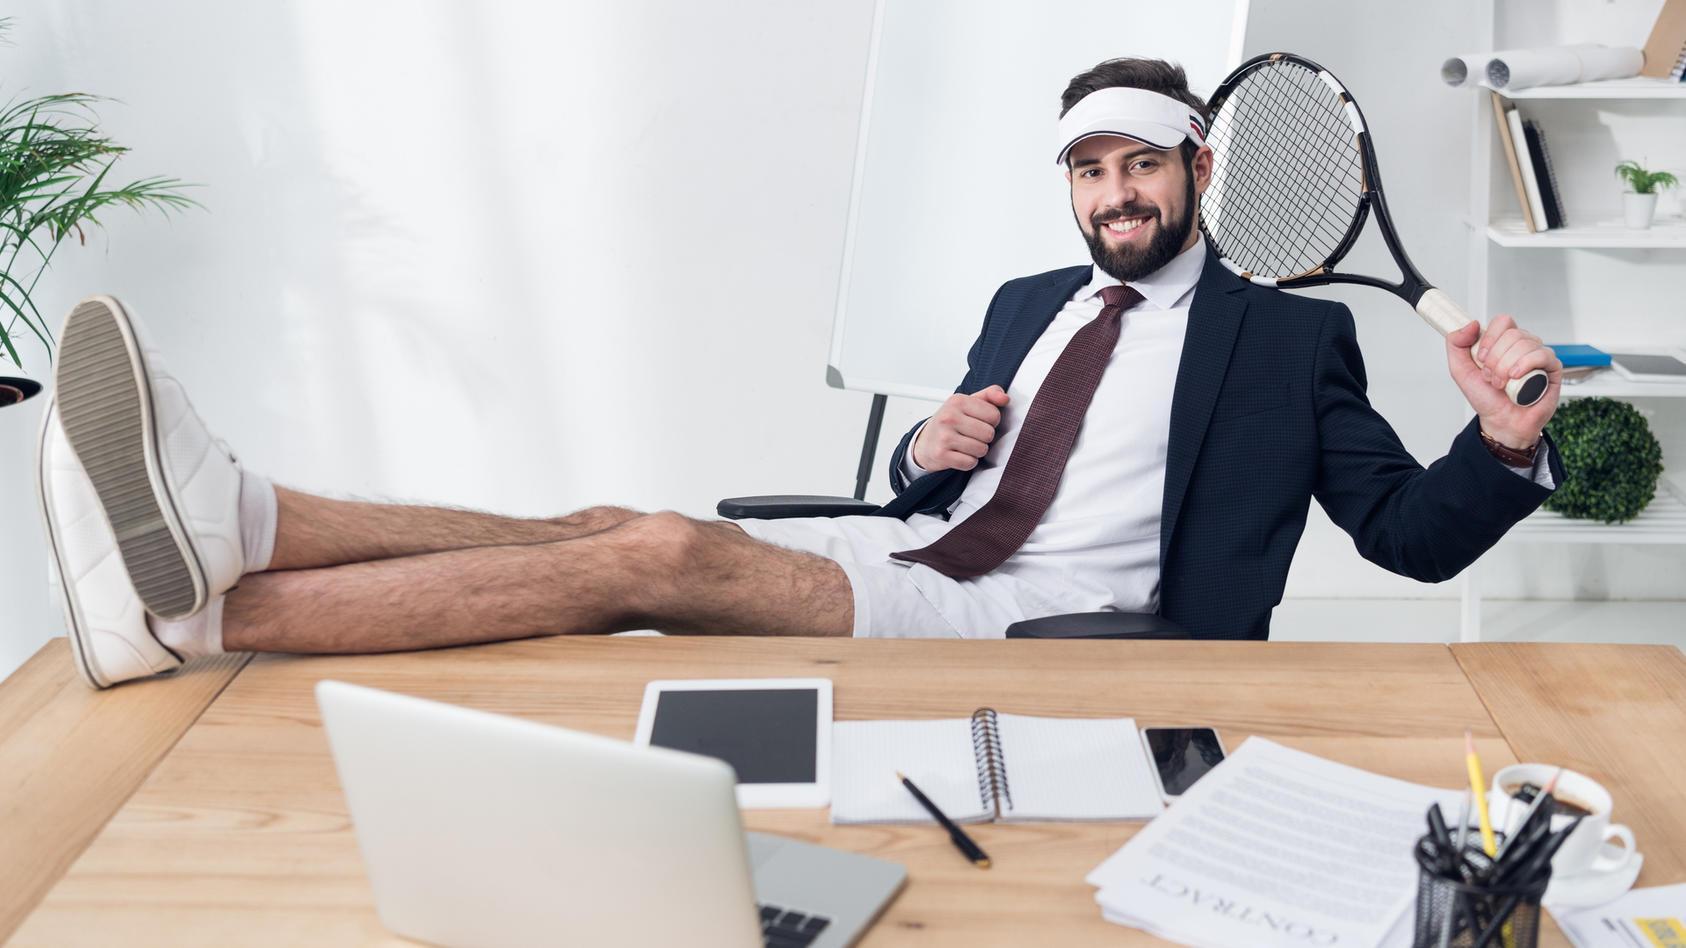 Freizeitlook im Büro: Was ist erlaubt, was nicht?